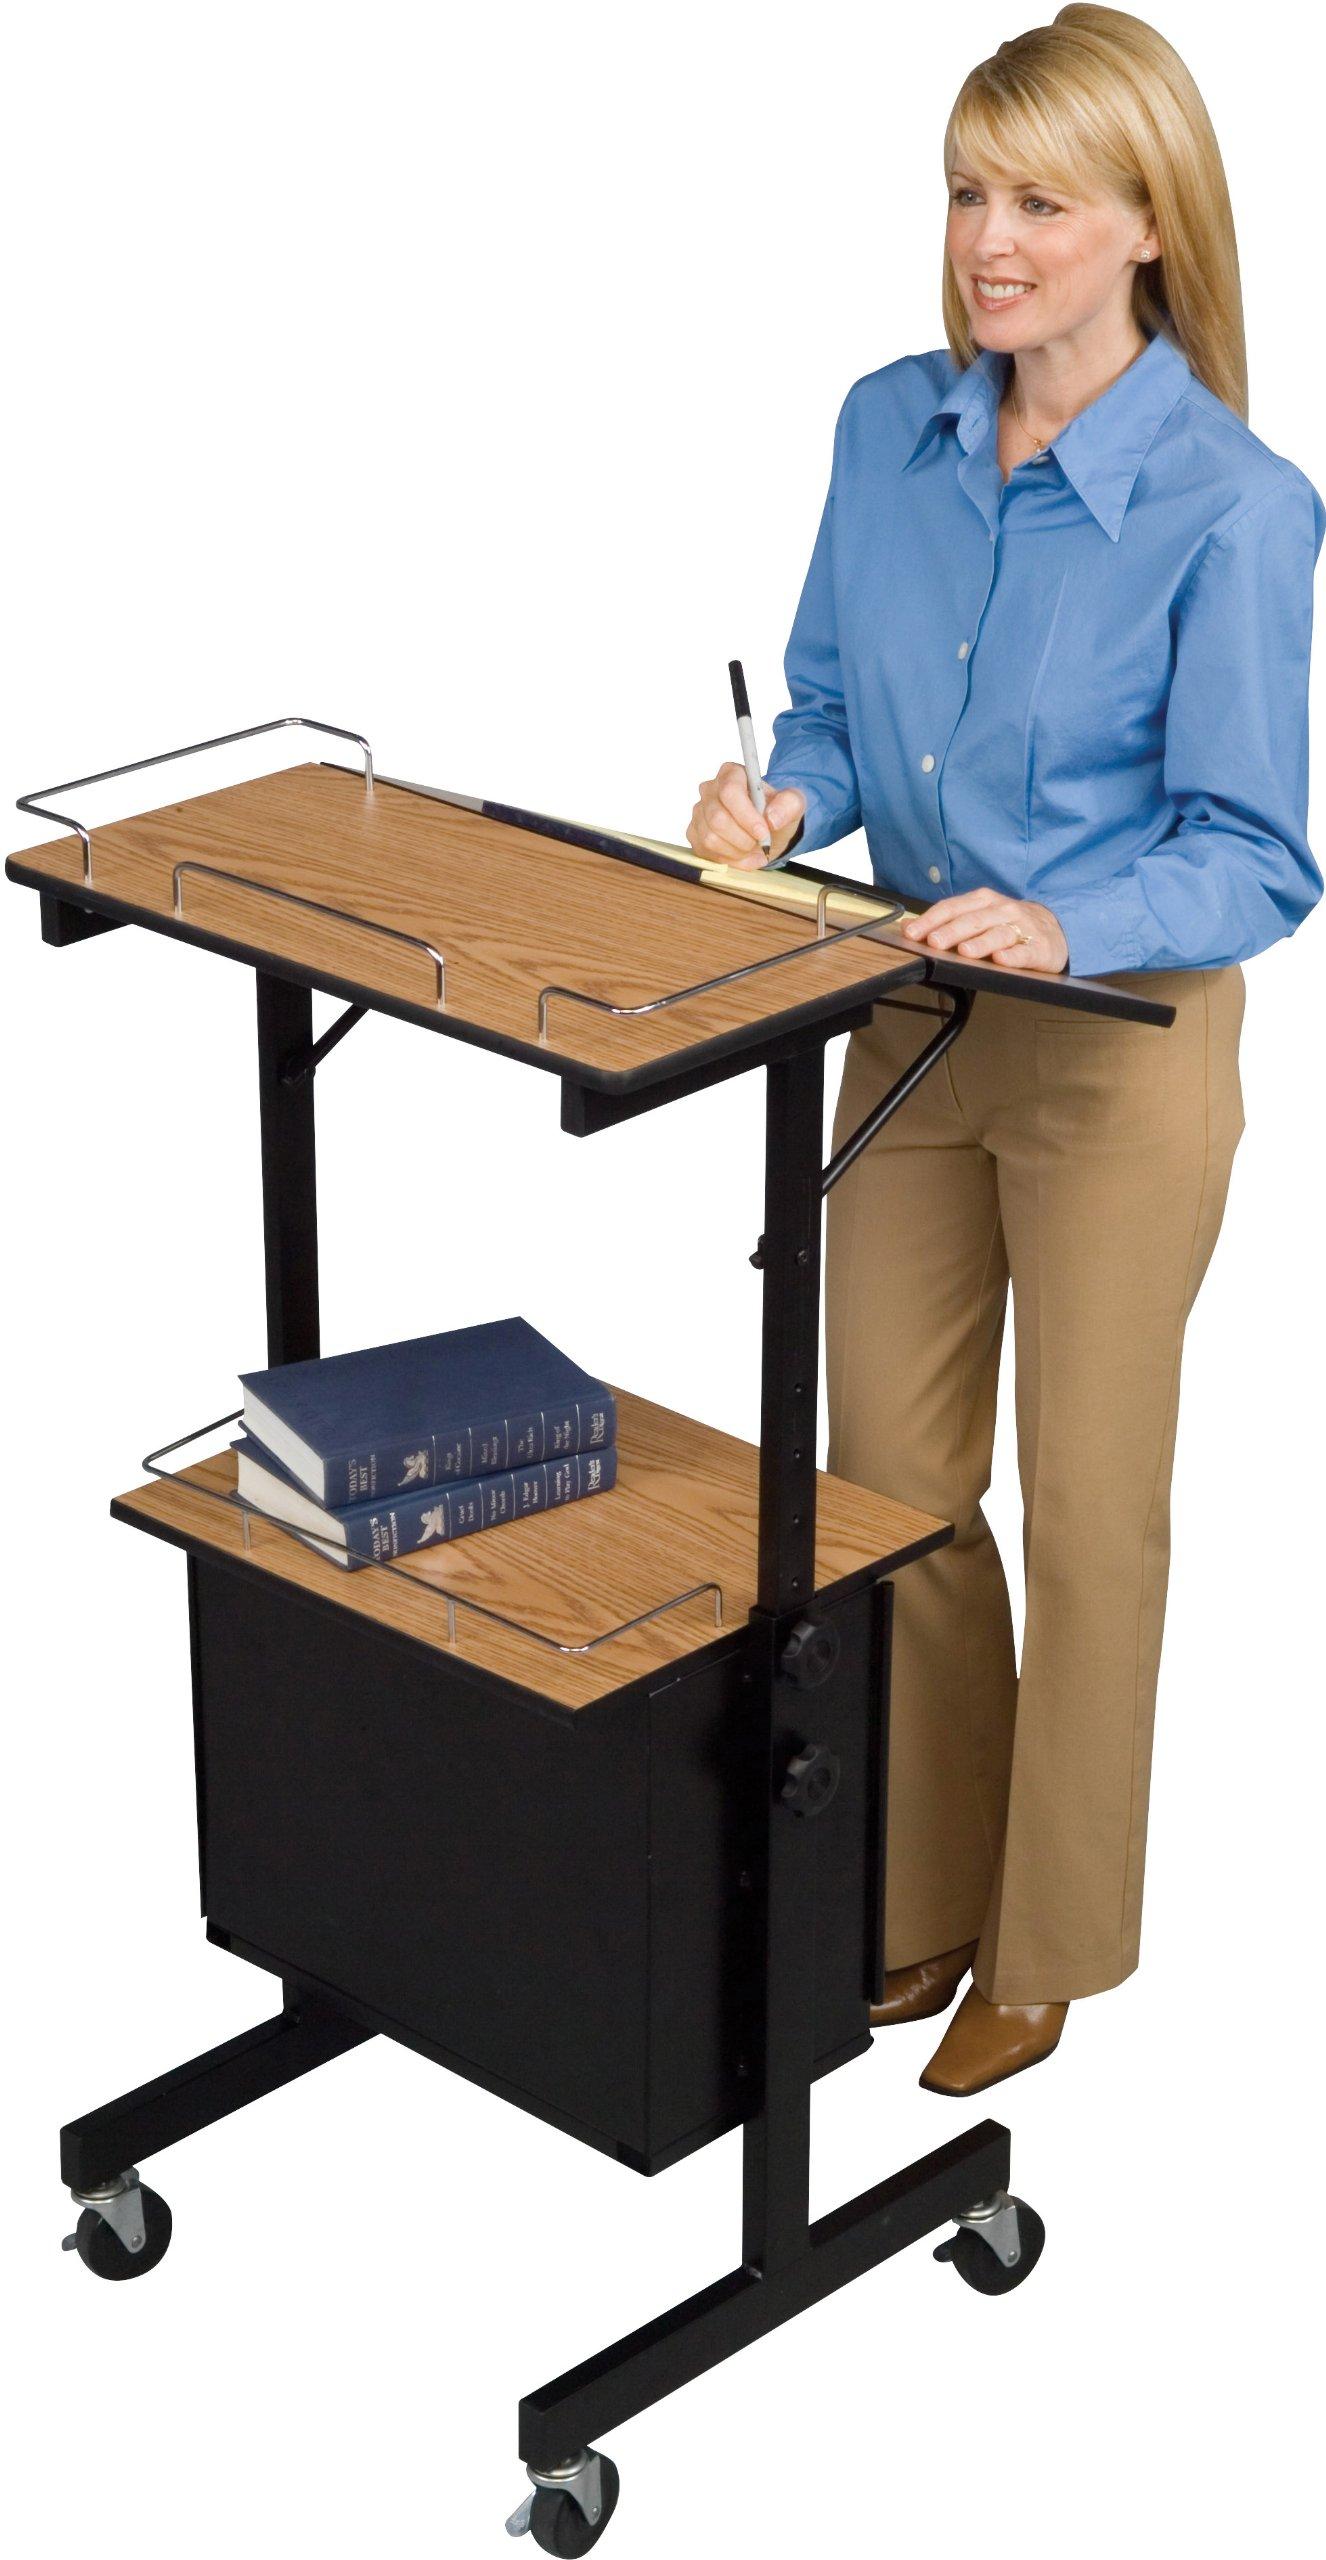 Balt Productive Classroom Furniture (89786) by Balt